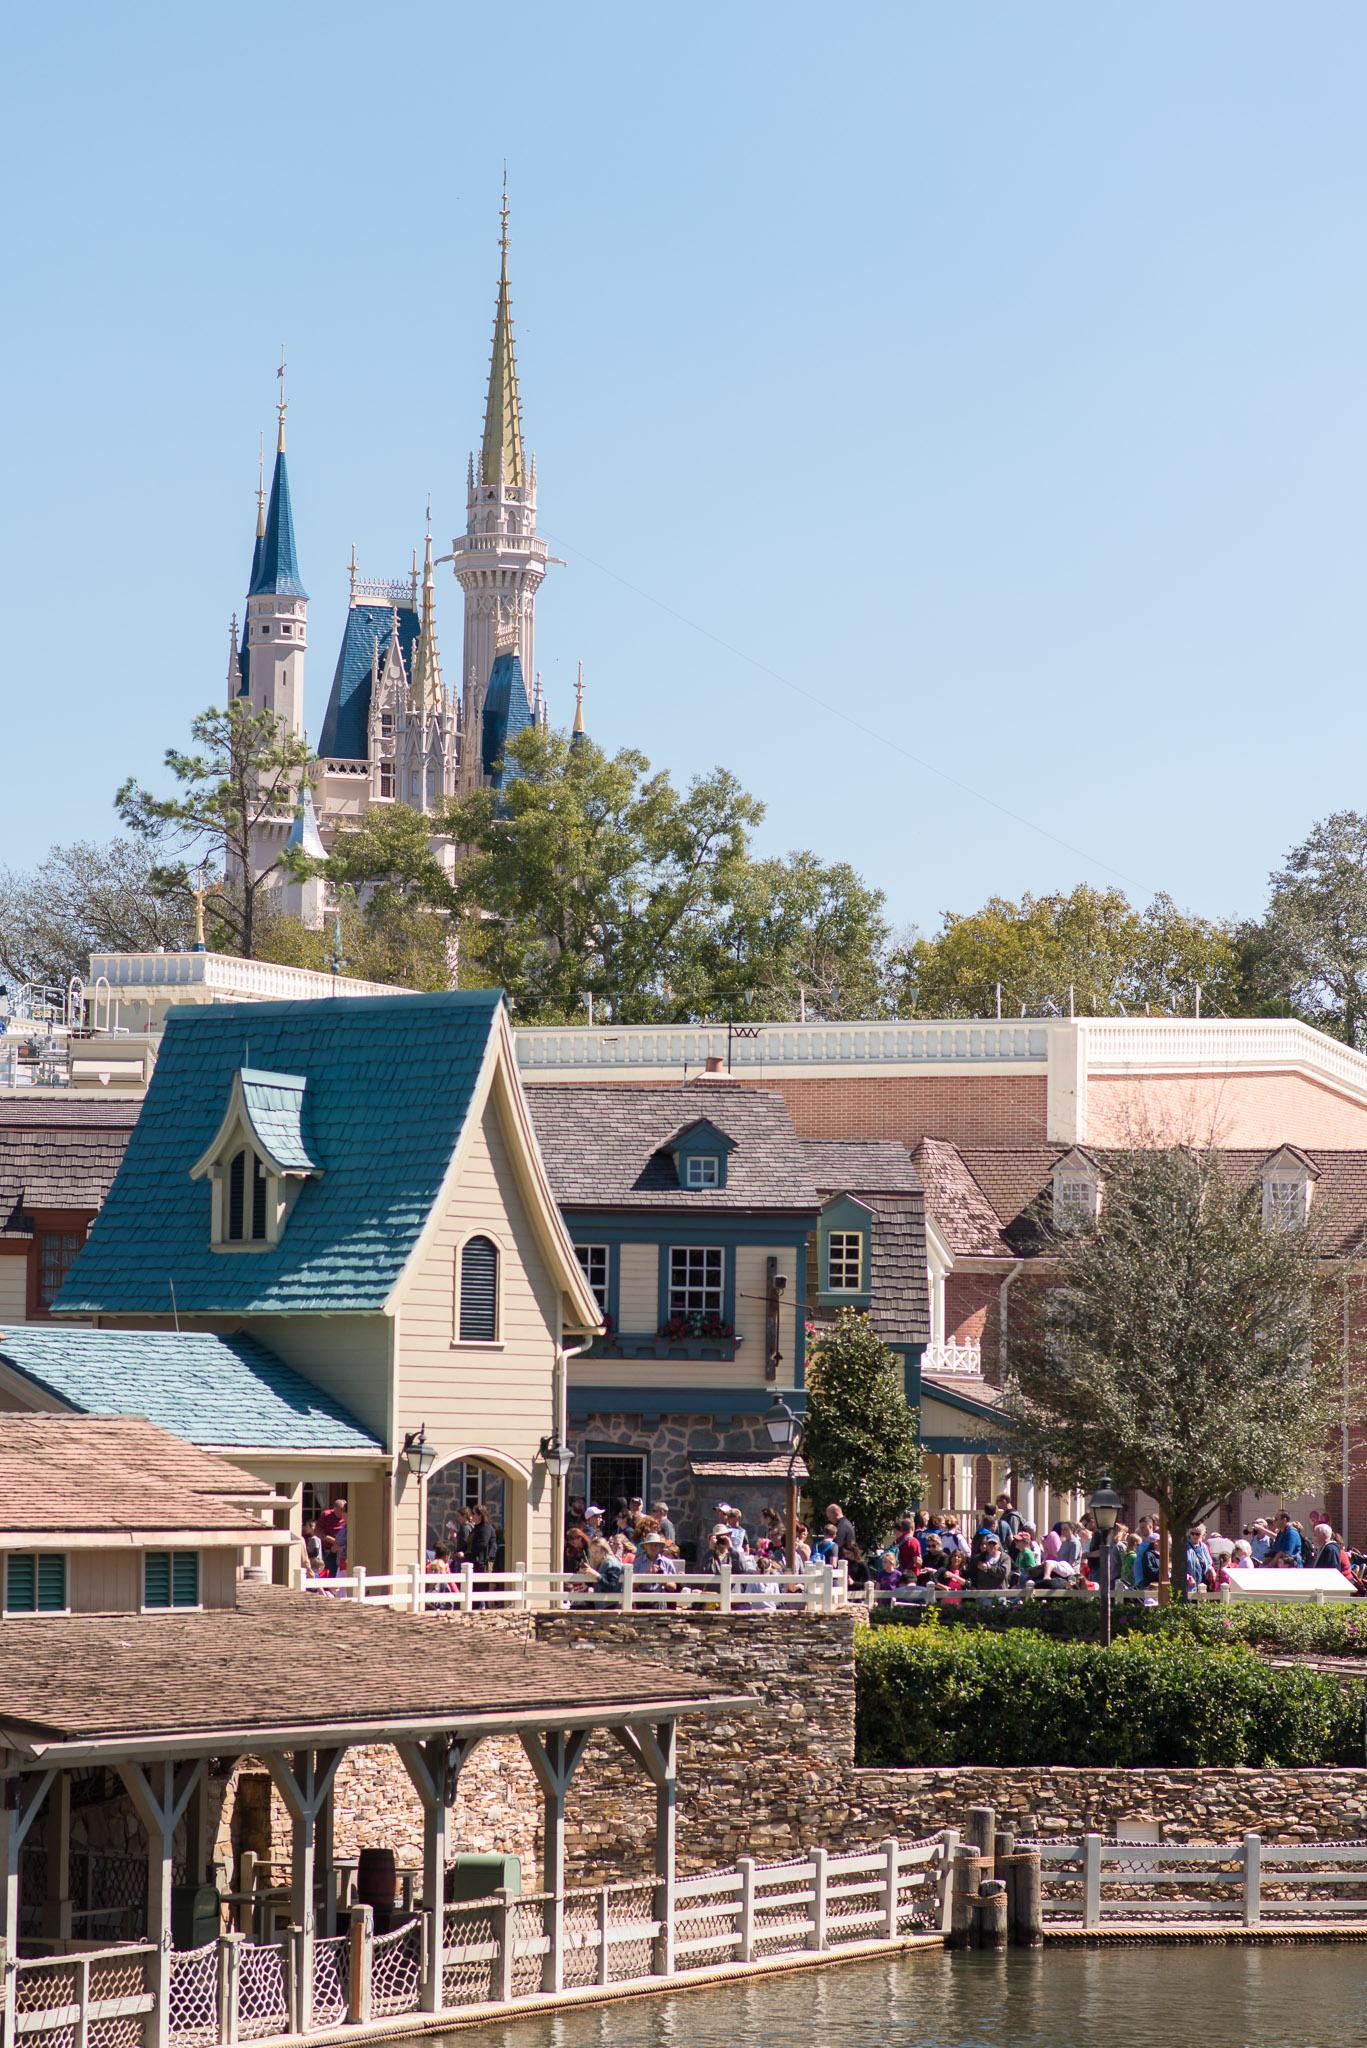 Cinderella Castle - Walt Disney World Magic Kingdom